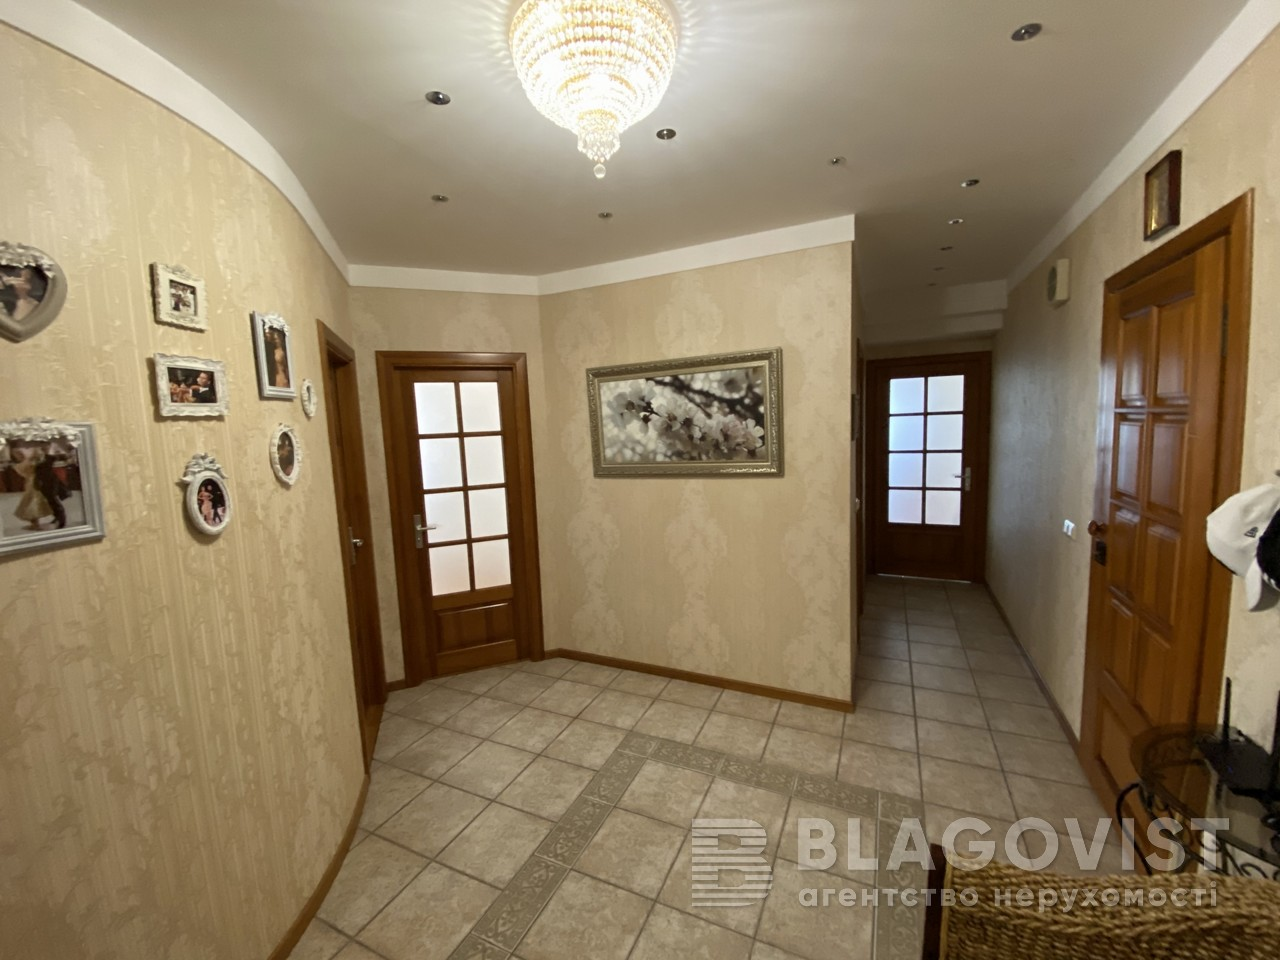 Квартира R-39990, Героев Сталинграда просп., 14г, Киев - Фото 38